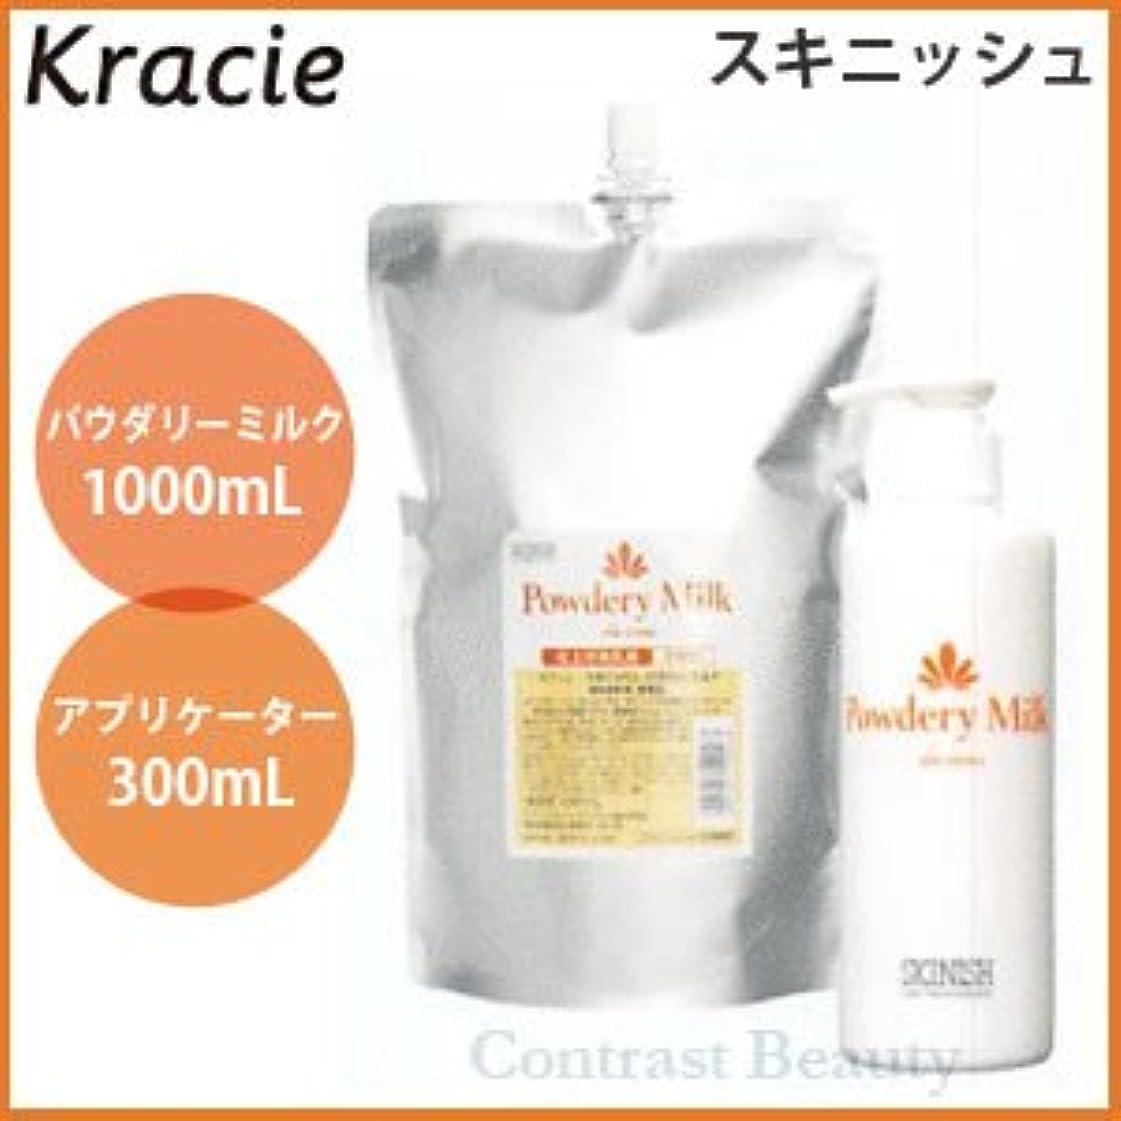 分類する増加するキルトクラシエ スキニッシュ パウダリーミルク 1000ml 詰替え用 & アプリケーター 300ml